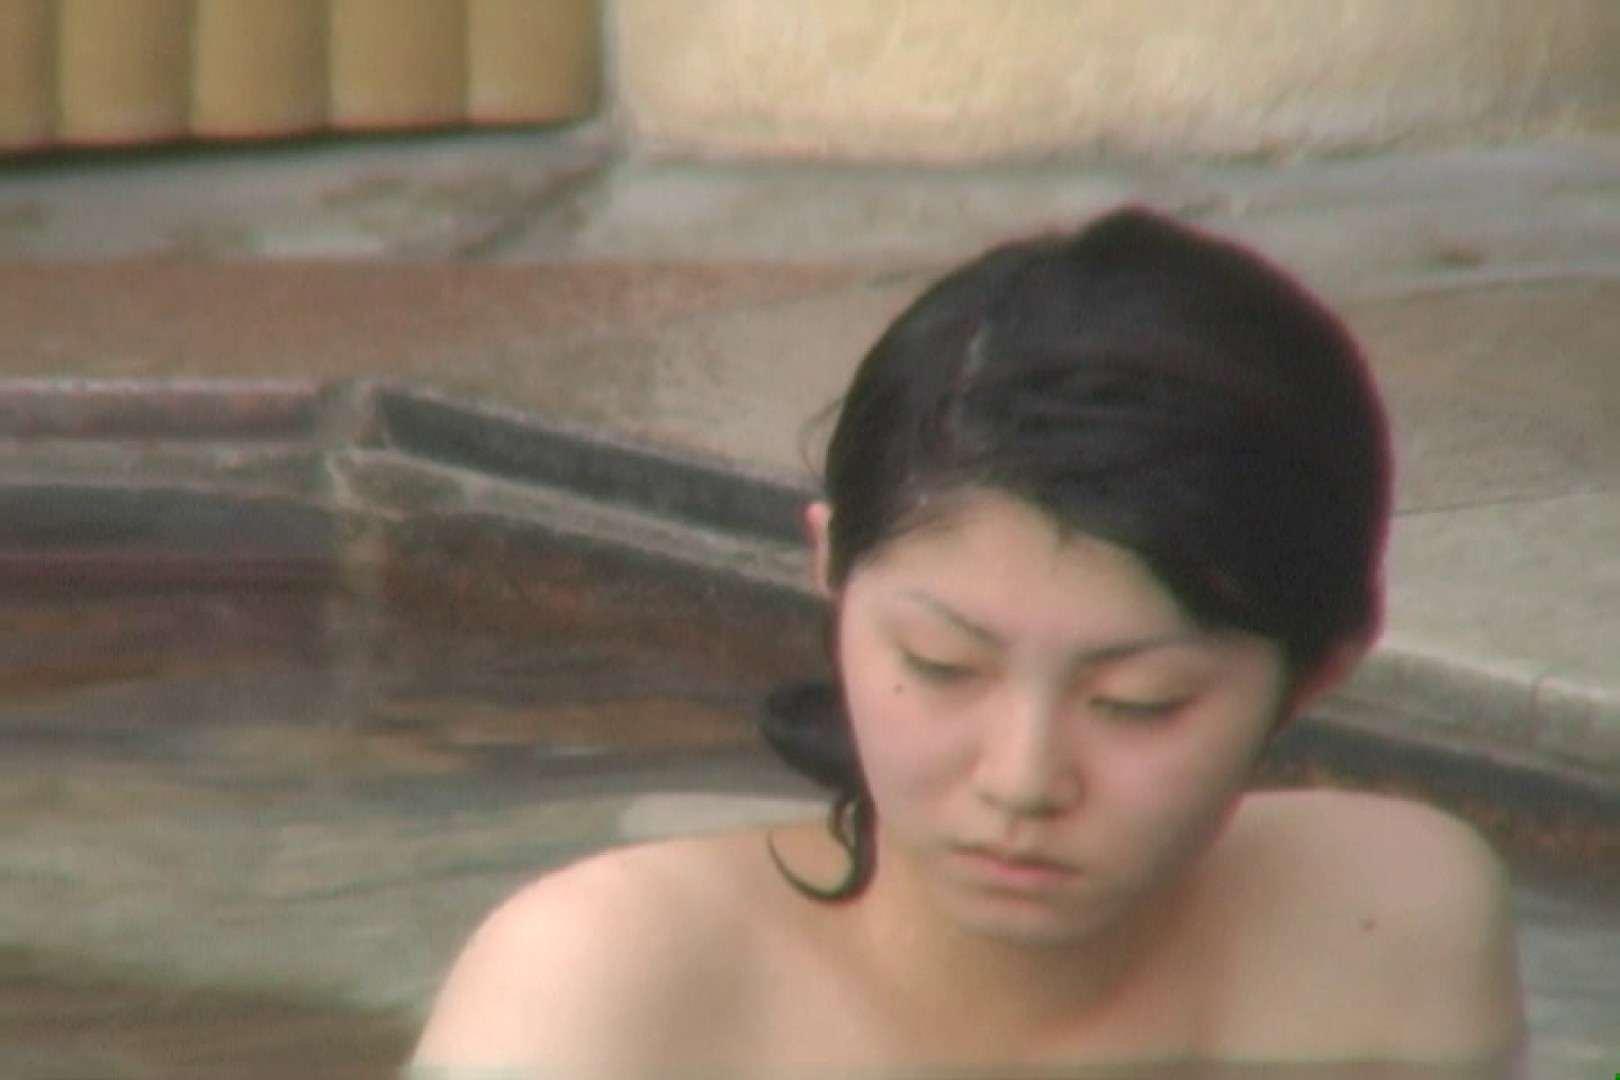 Aquaな露天風呂Vol.579 綺麗なOLたち | 盗撮  68枚 37